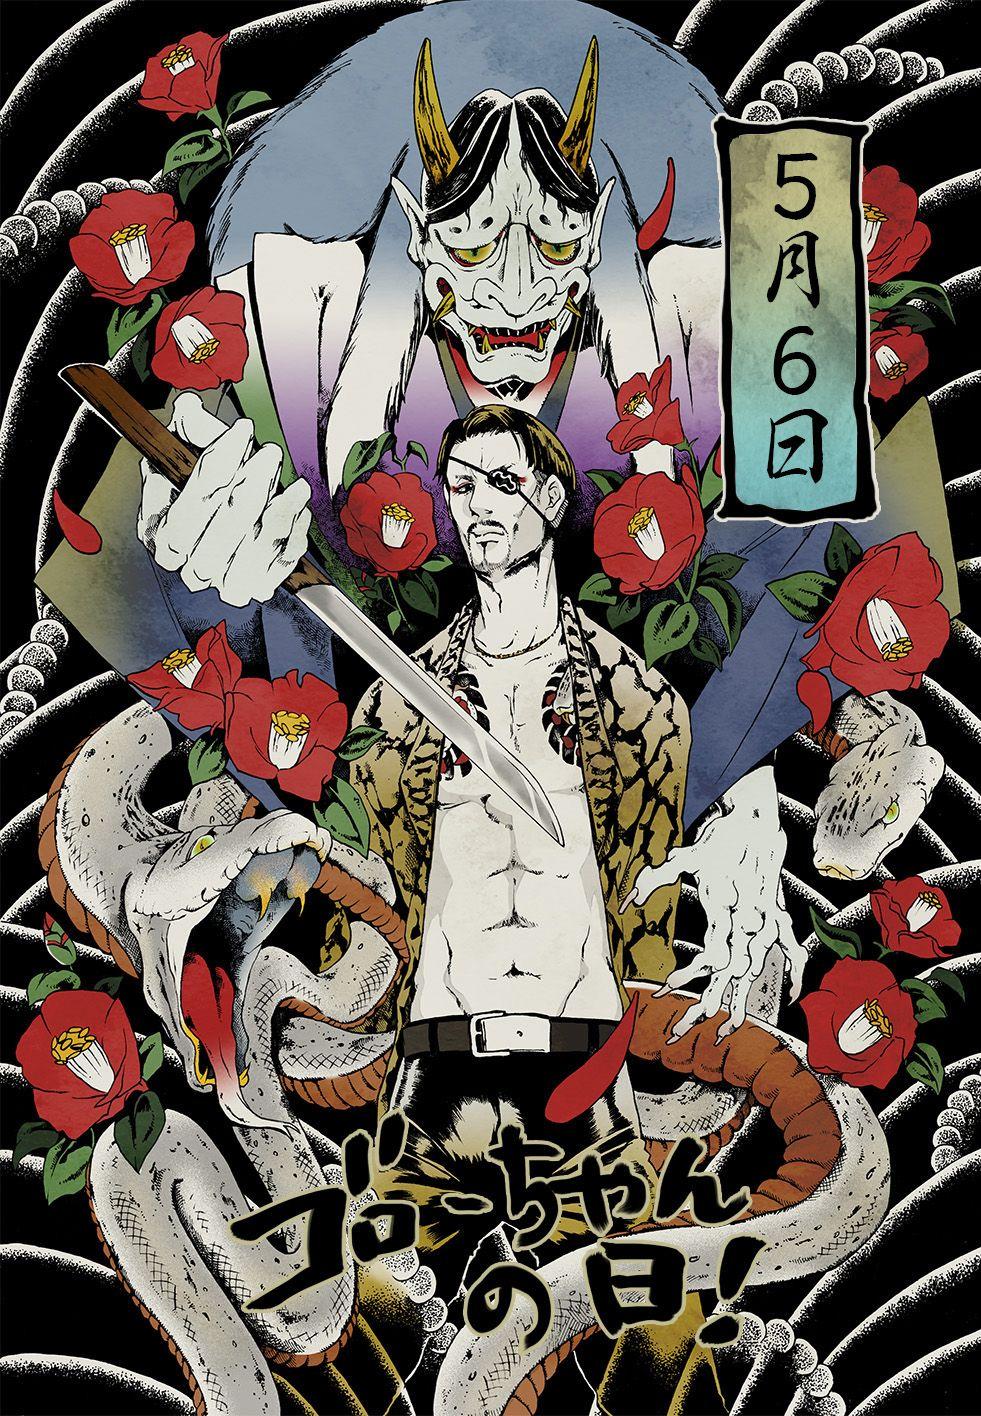 Goro Majima Geisha illustration, Yakuza anime